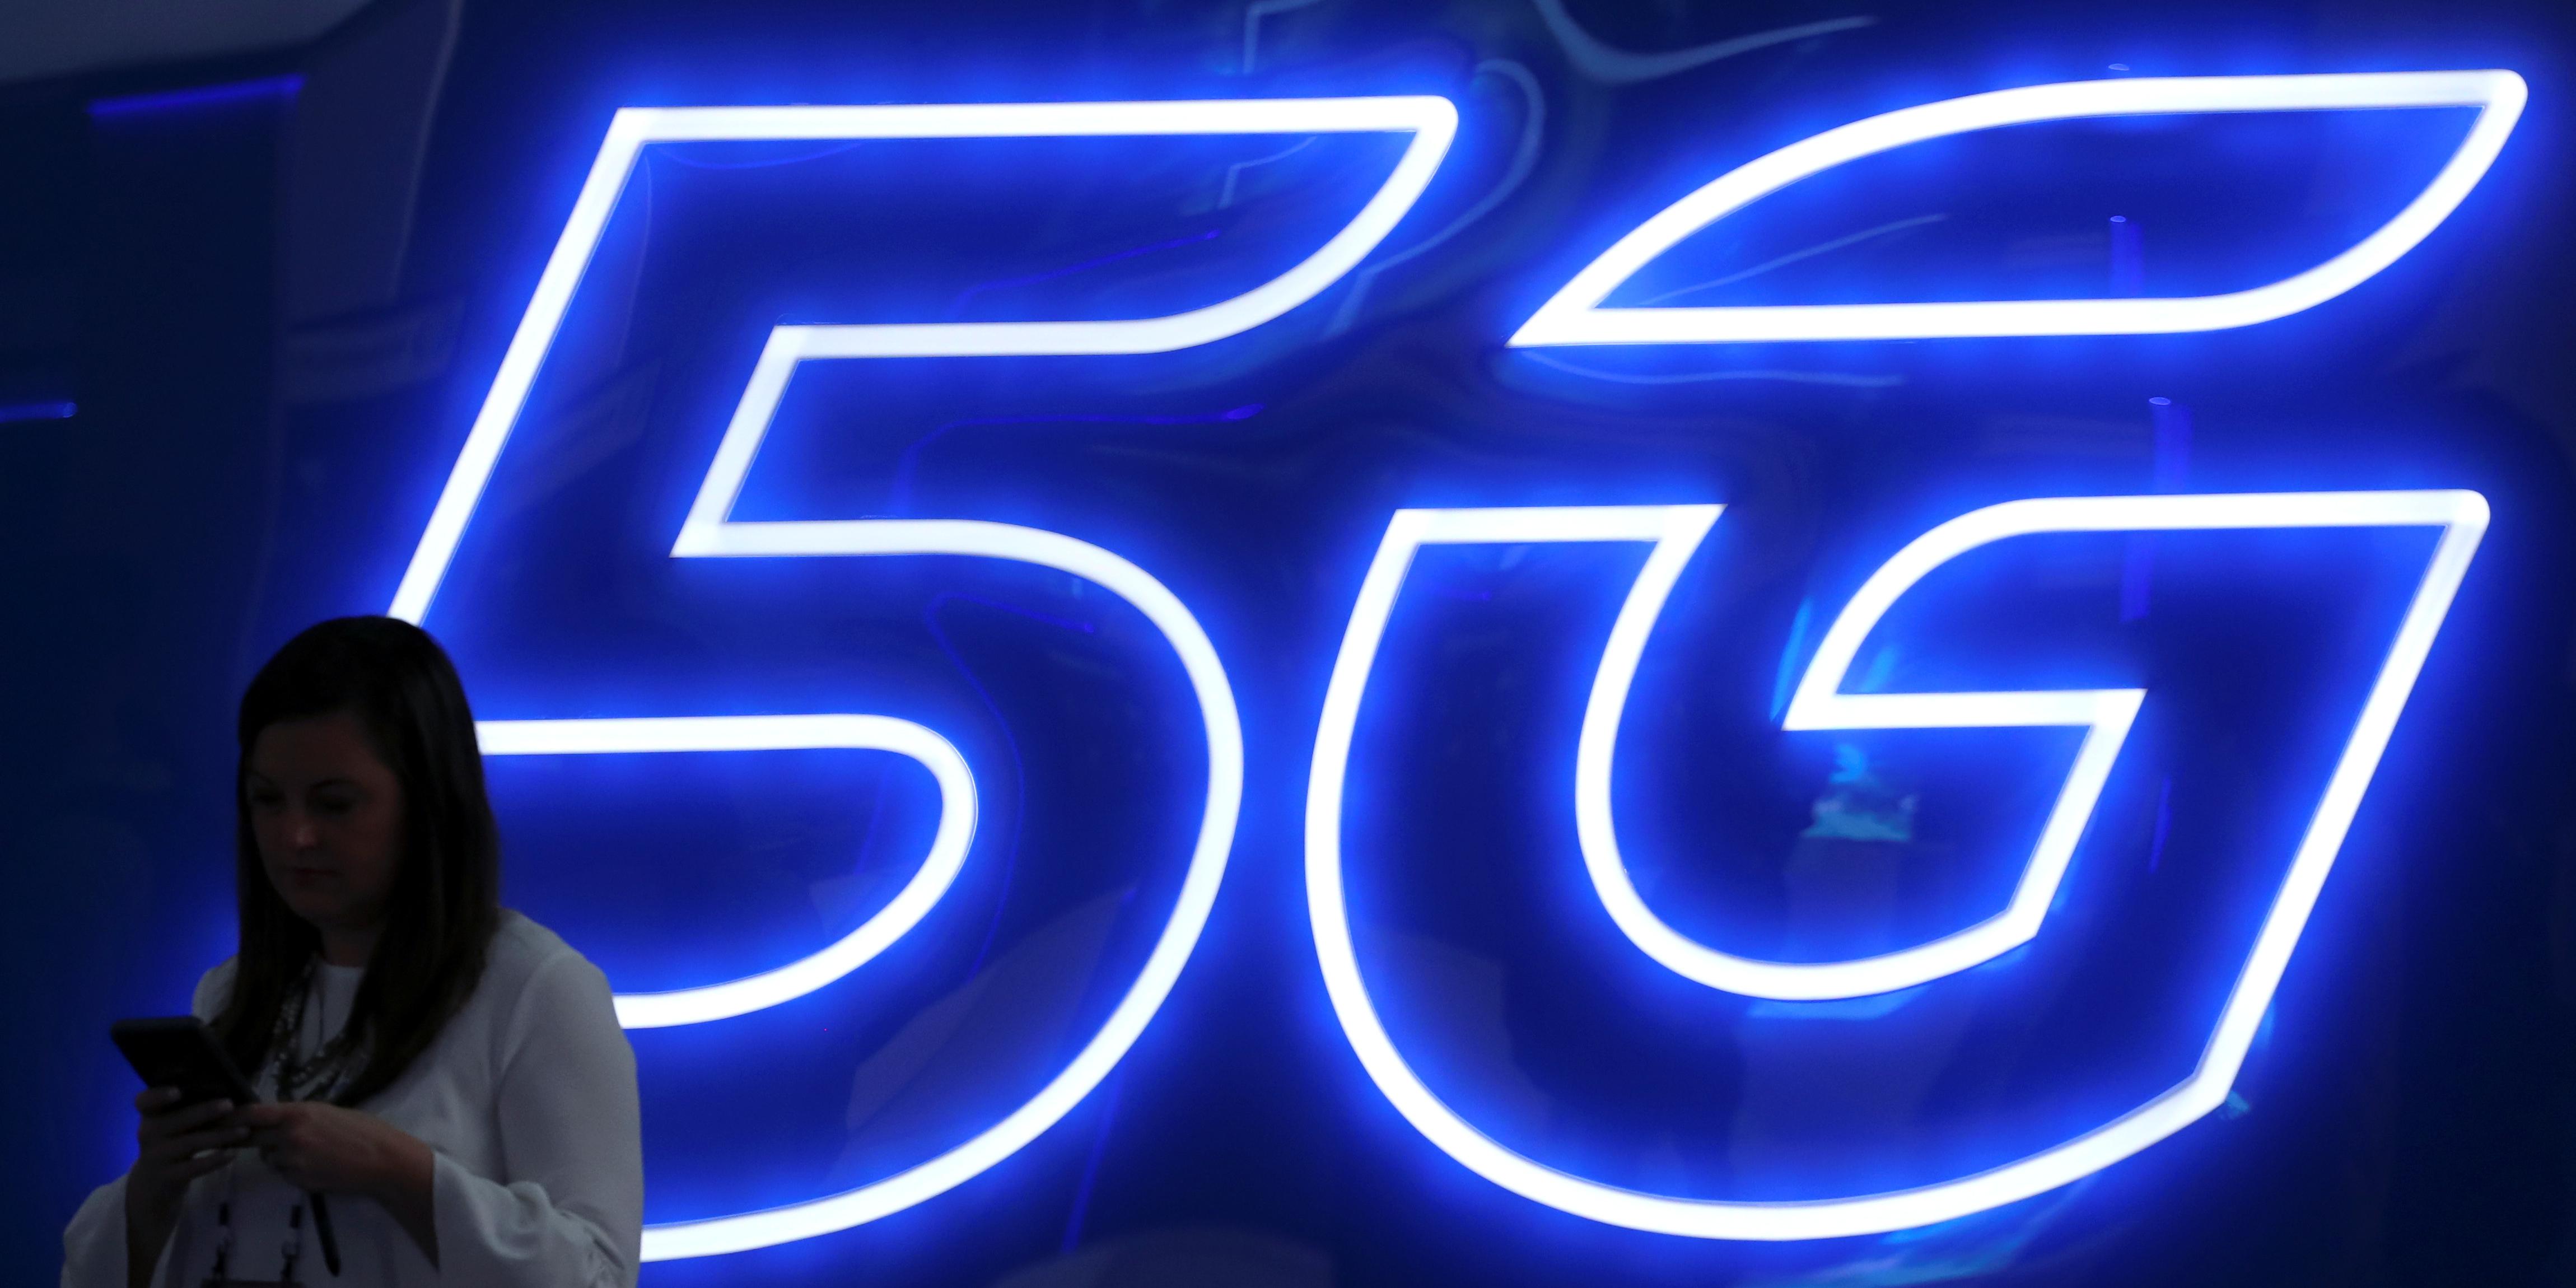 Sécurité des réseaux 5G: le Parlement adopte la proposition de loi